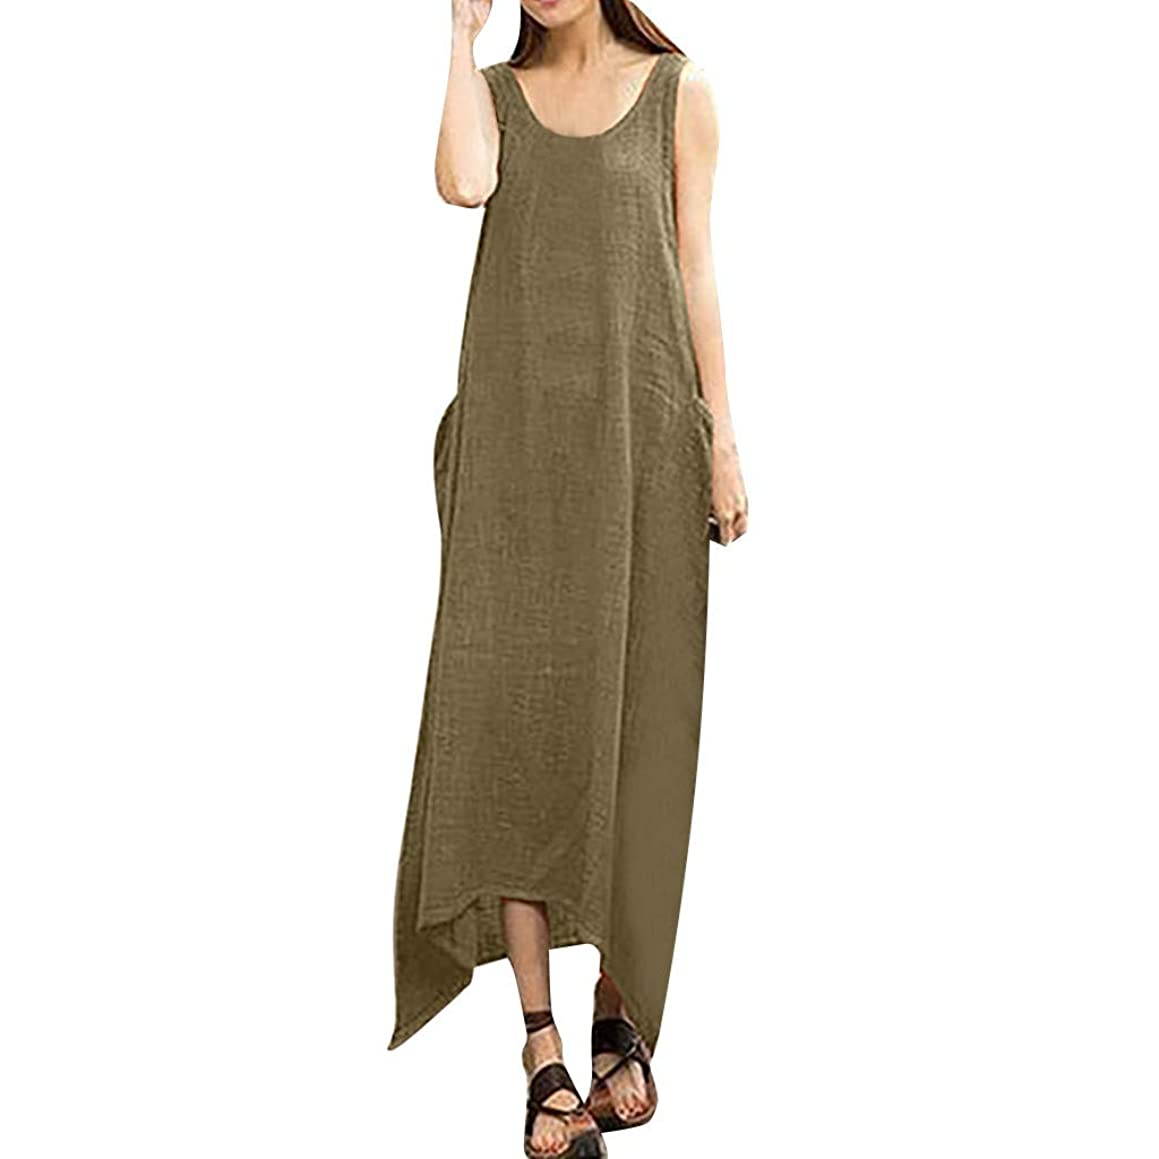 TOPBIGGER Women's Cotton Linen Sleeveless Maxi Dress Irregular Hem Casual Dress